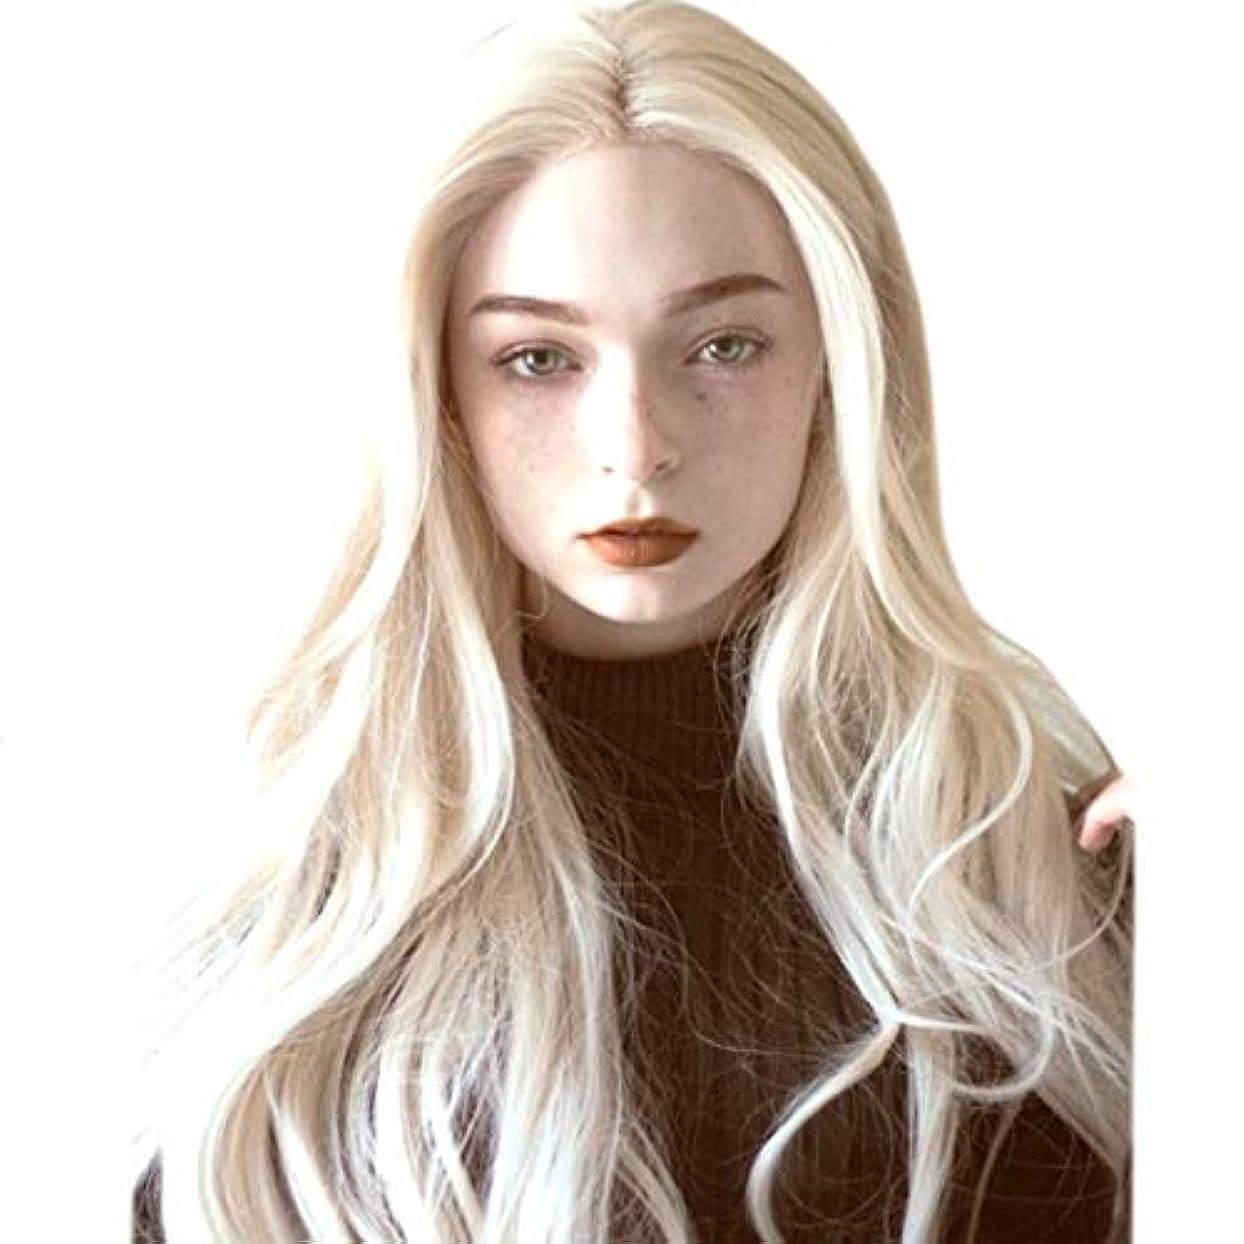 倉庫現象シェルSummerys ロングヘアウィッグロングウェーブのかかった合成のカラフルなコスプレデイリーパーティーウィッグ本物の髪として自然な女性